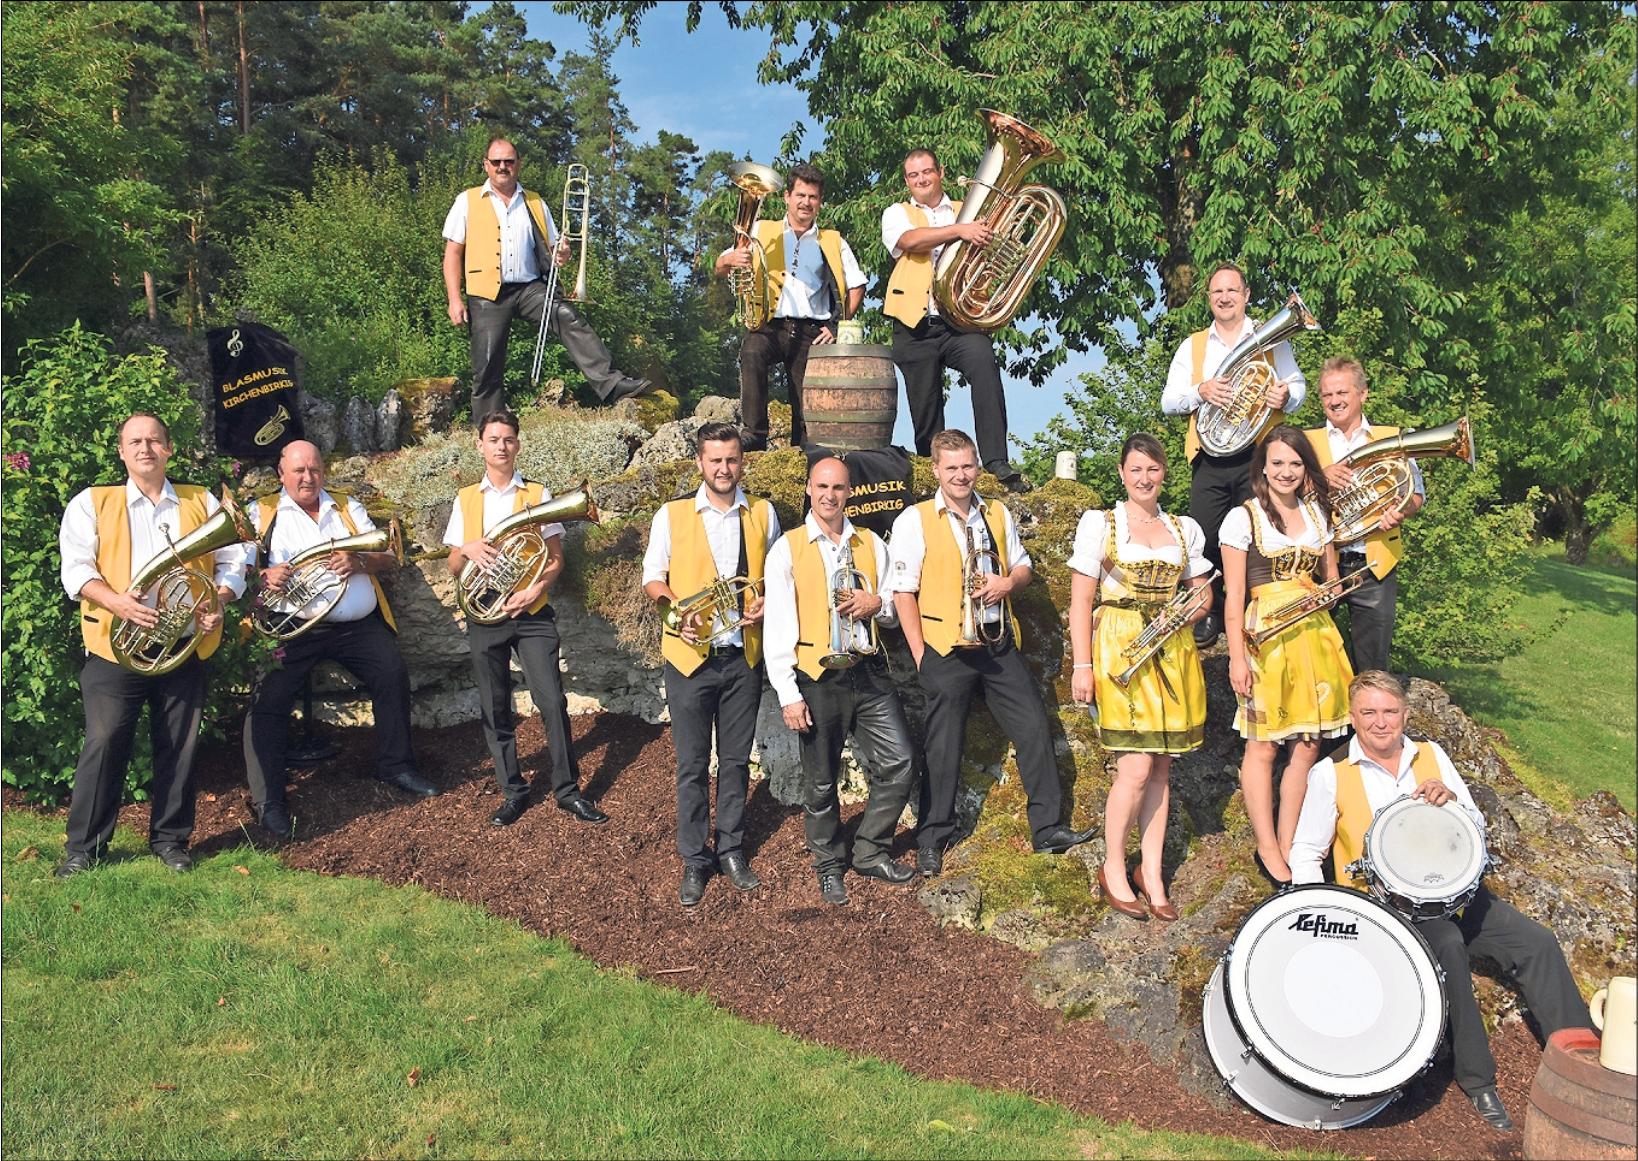 Gut zu erkennen sind die Damen und Herren der Blasmusik Kirchenbirkig an ihrer schmucken, gelben Tracht. Am Wochenende feiern sie ein großes Musikfest anlässlich ihres 25-jährigen Bestehens. Foto: Rosi Thiem